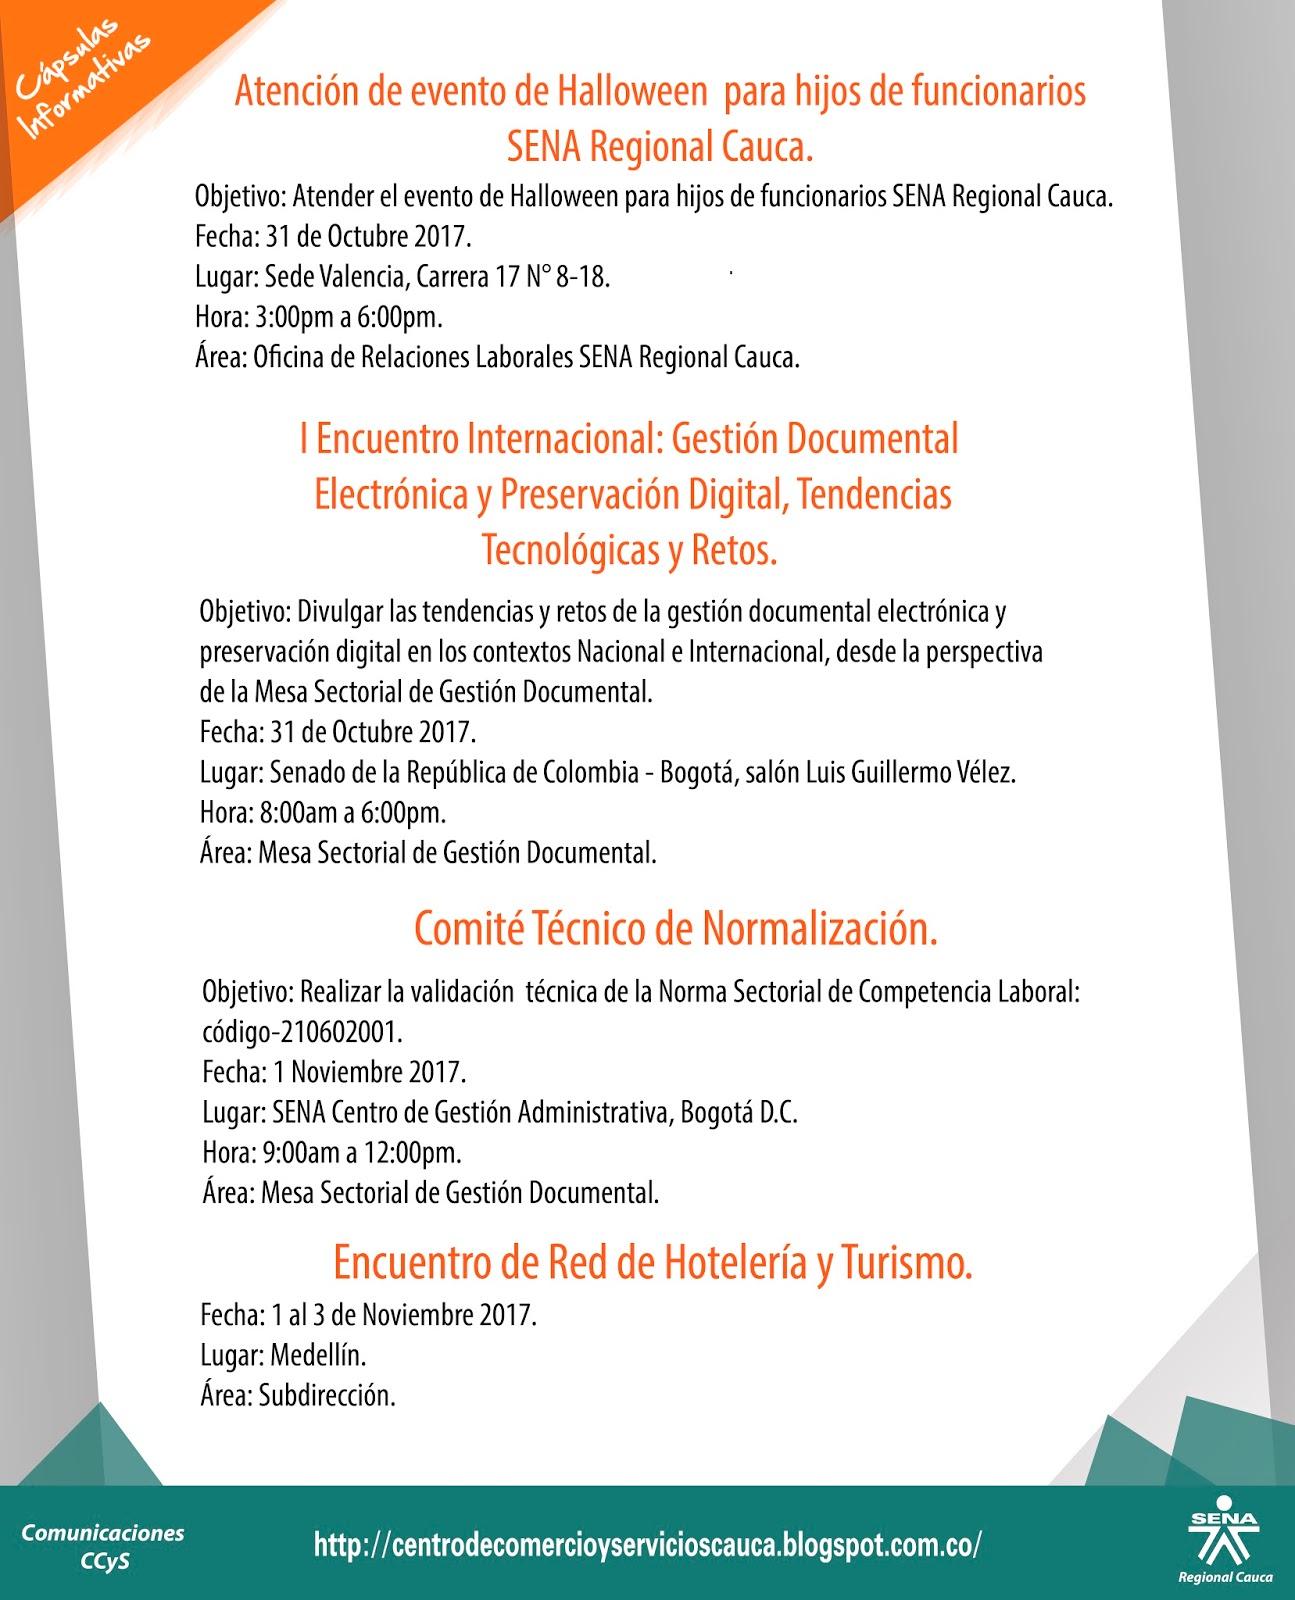 Centro de Comercio y Servicios SENA Regional Cauca: Capsulas ...